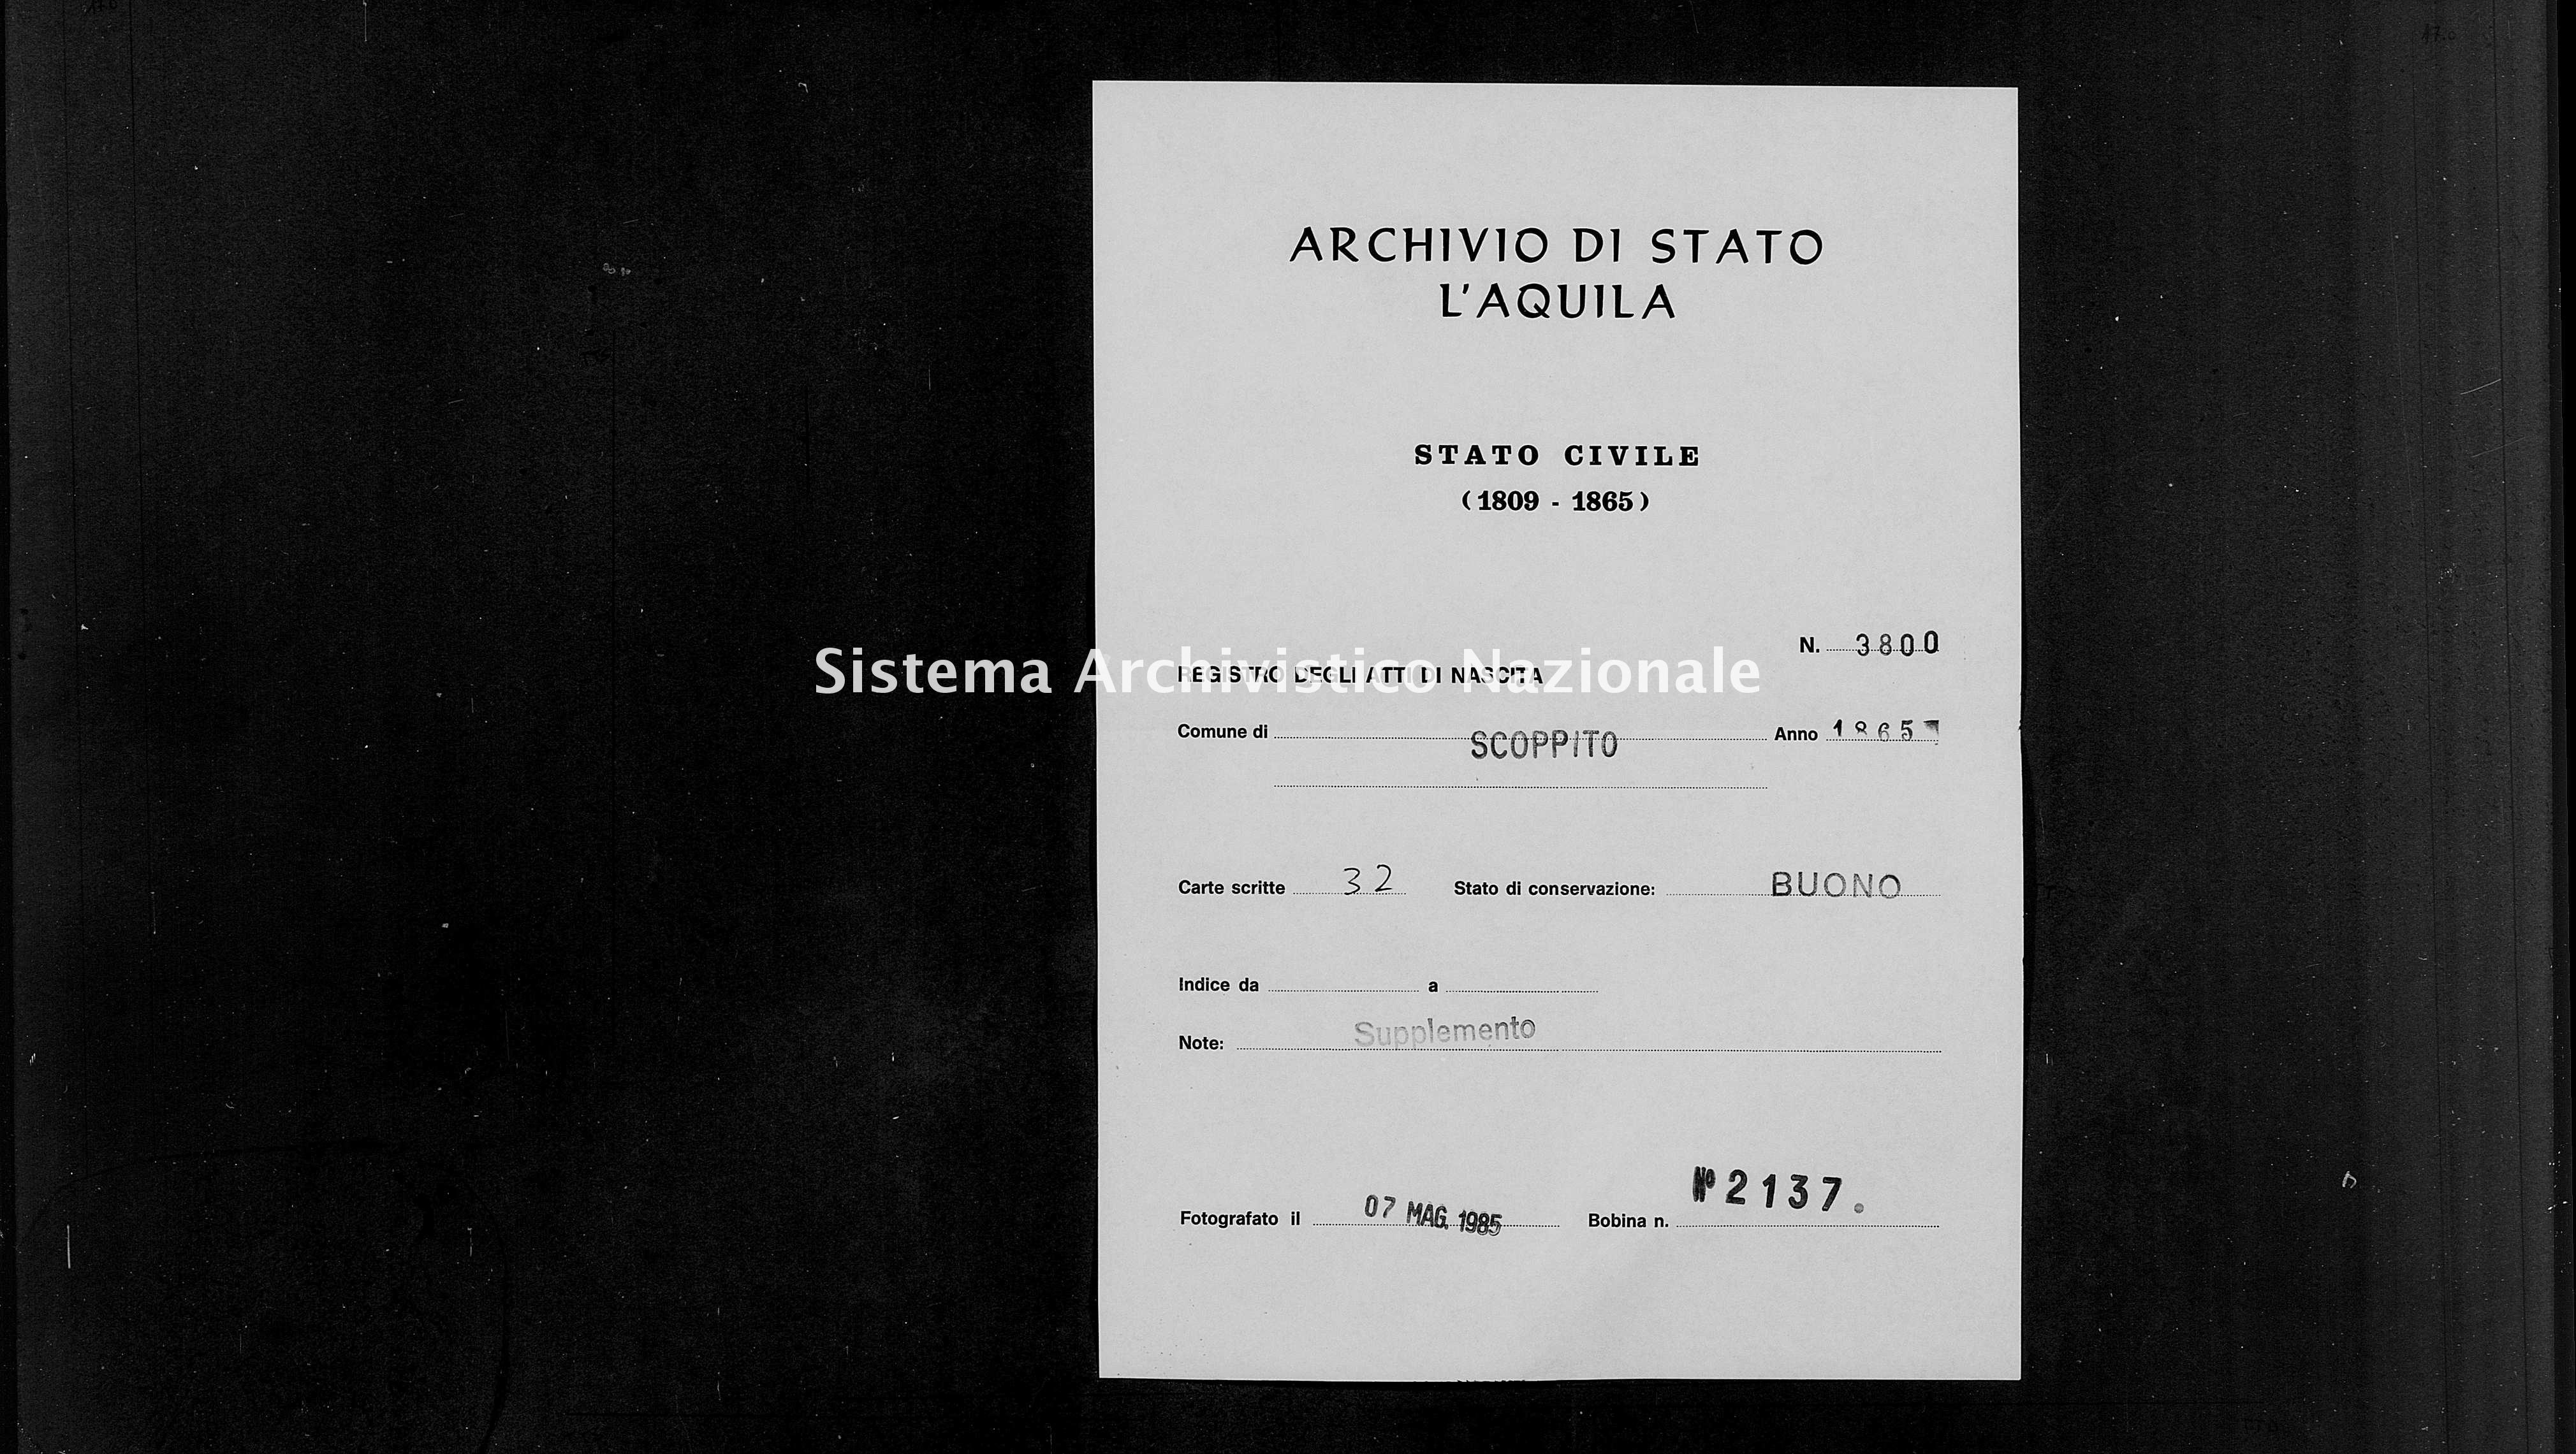 Archivio di stato di L'aquila - Stato civile italiano - Scoppito - Nati, battesimi - 1865 - 3800 -